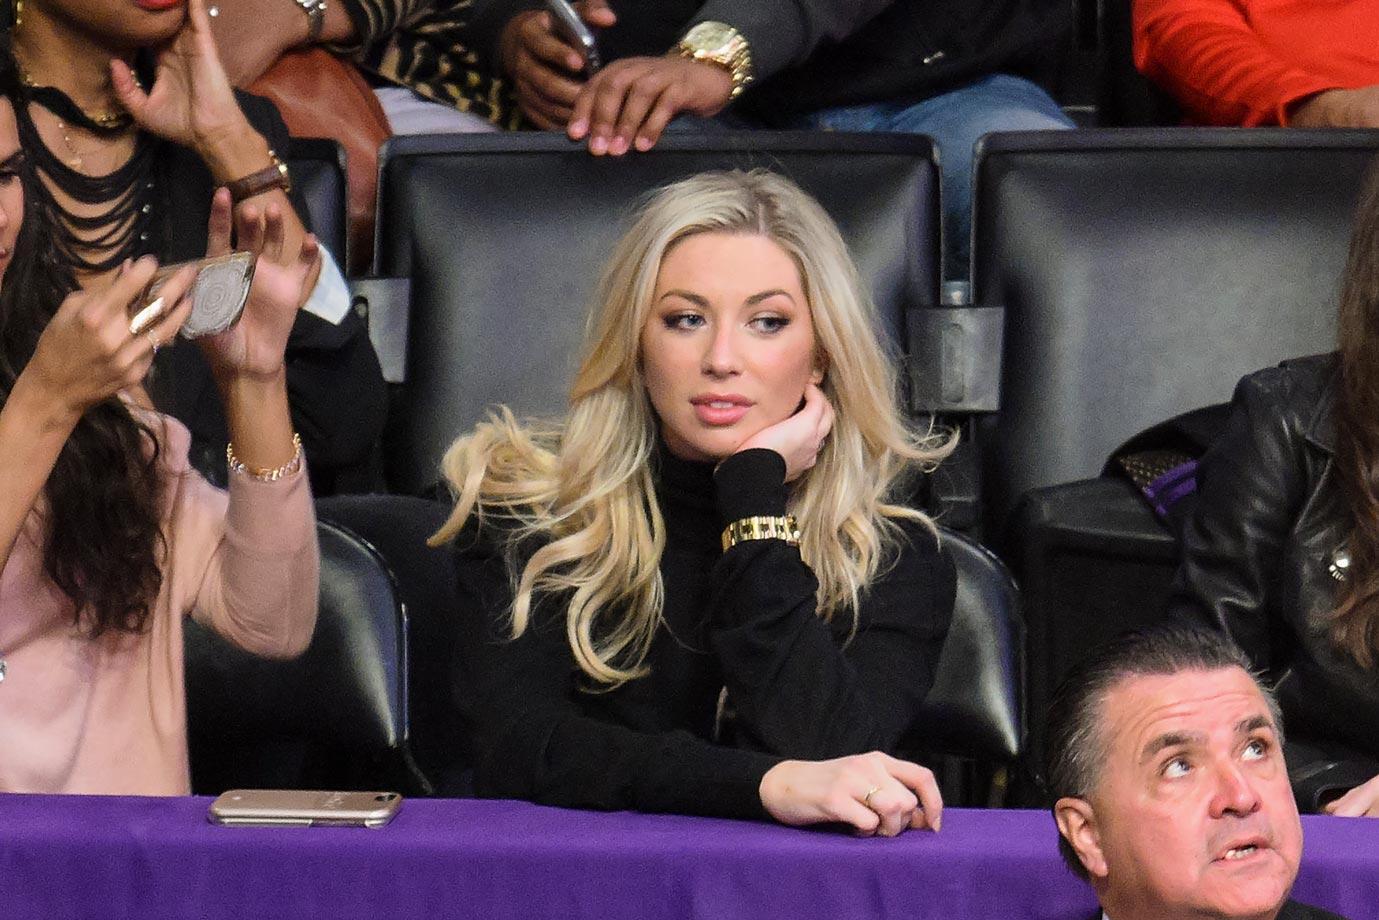 Jan. 28, 2016 — Lakers vs. Bulls at Staples Center in Los Angeles